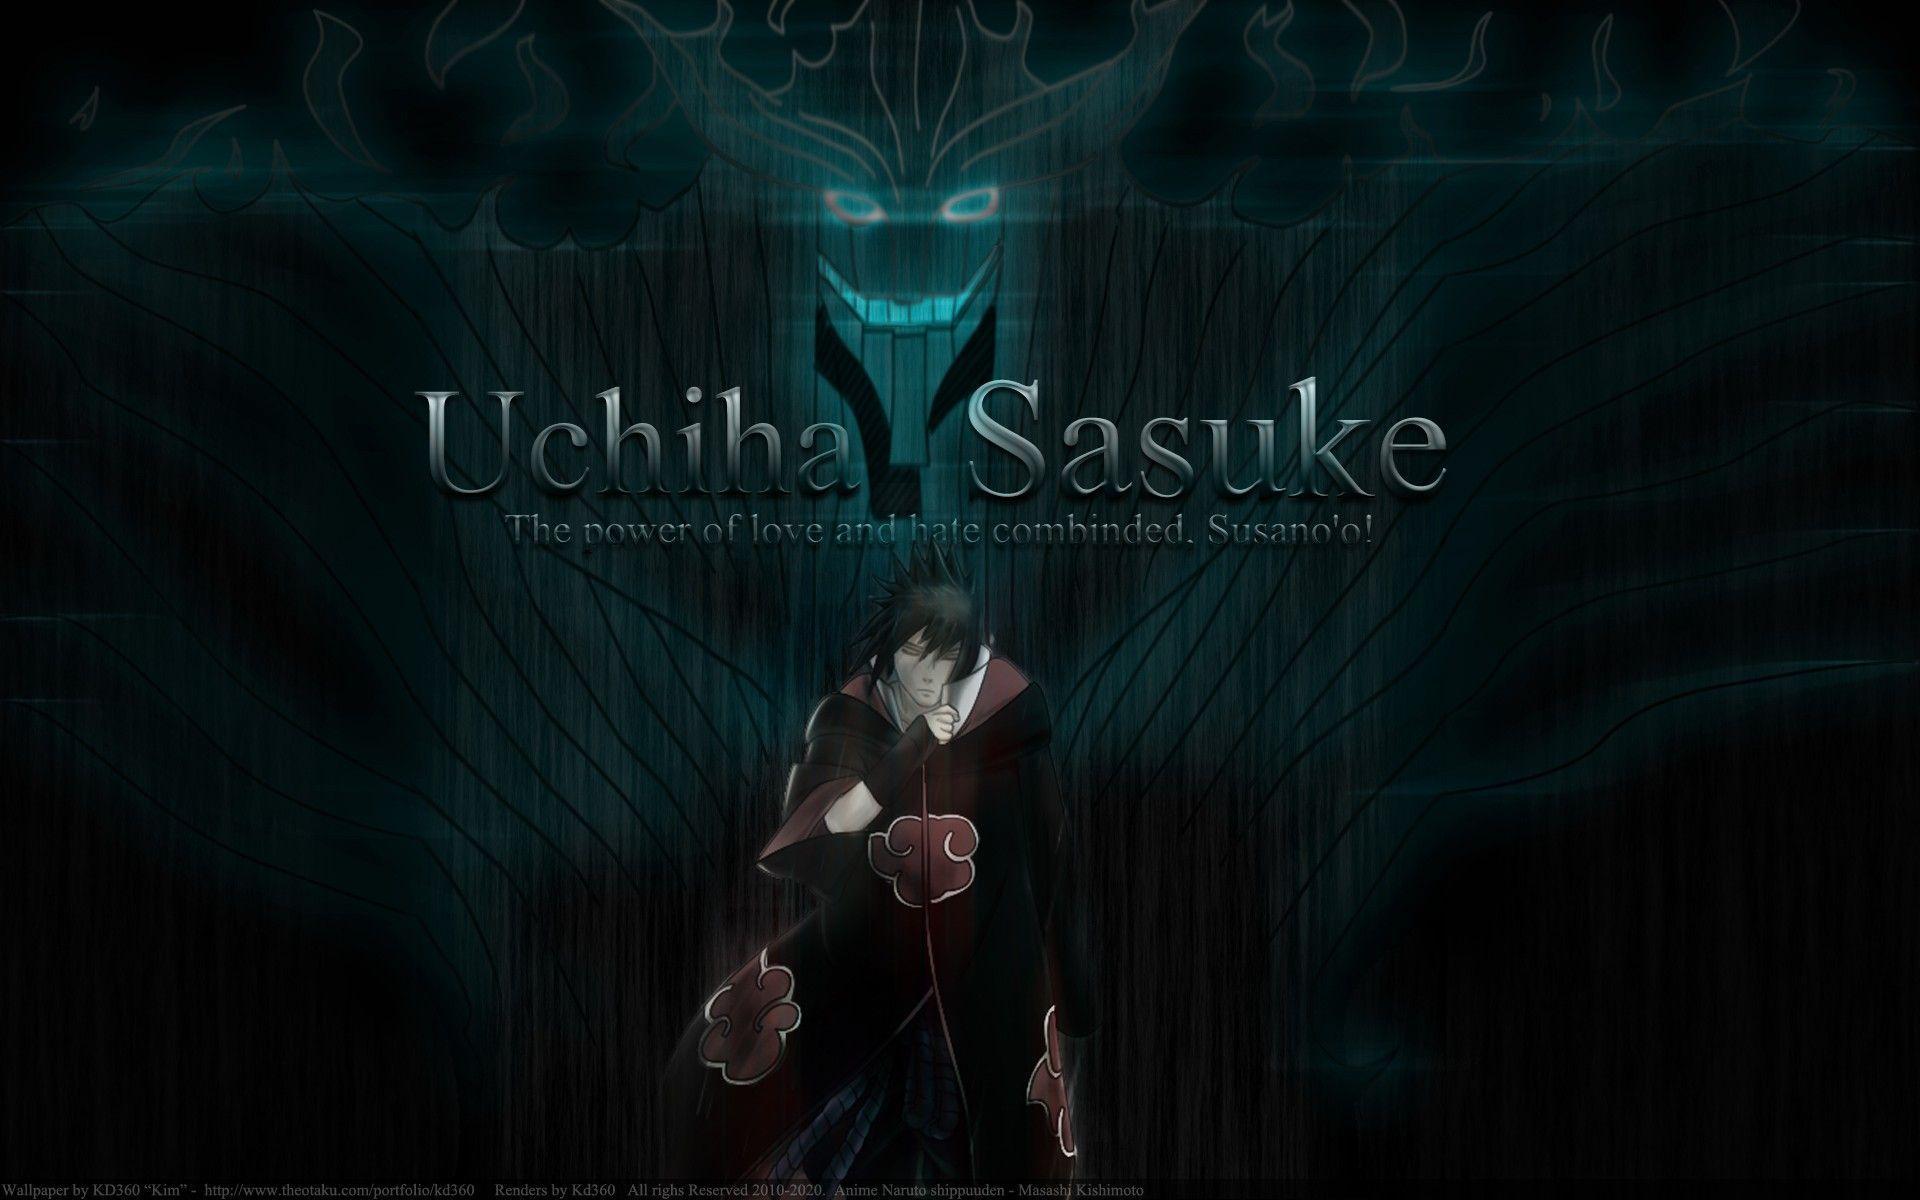 uchiha sasuke images wallpaper - photo #27